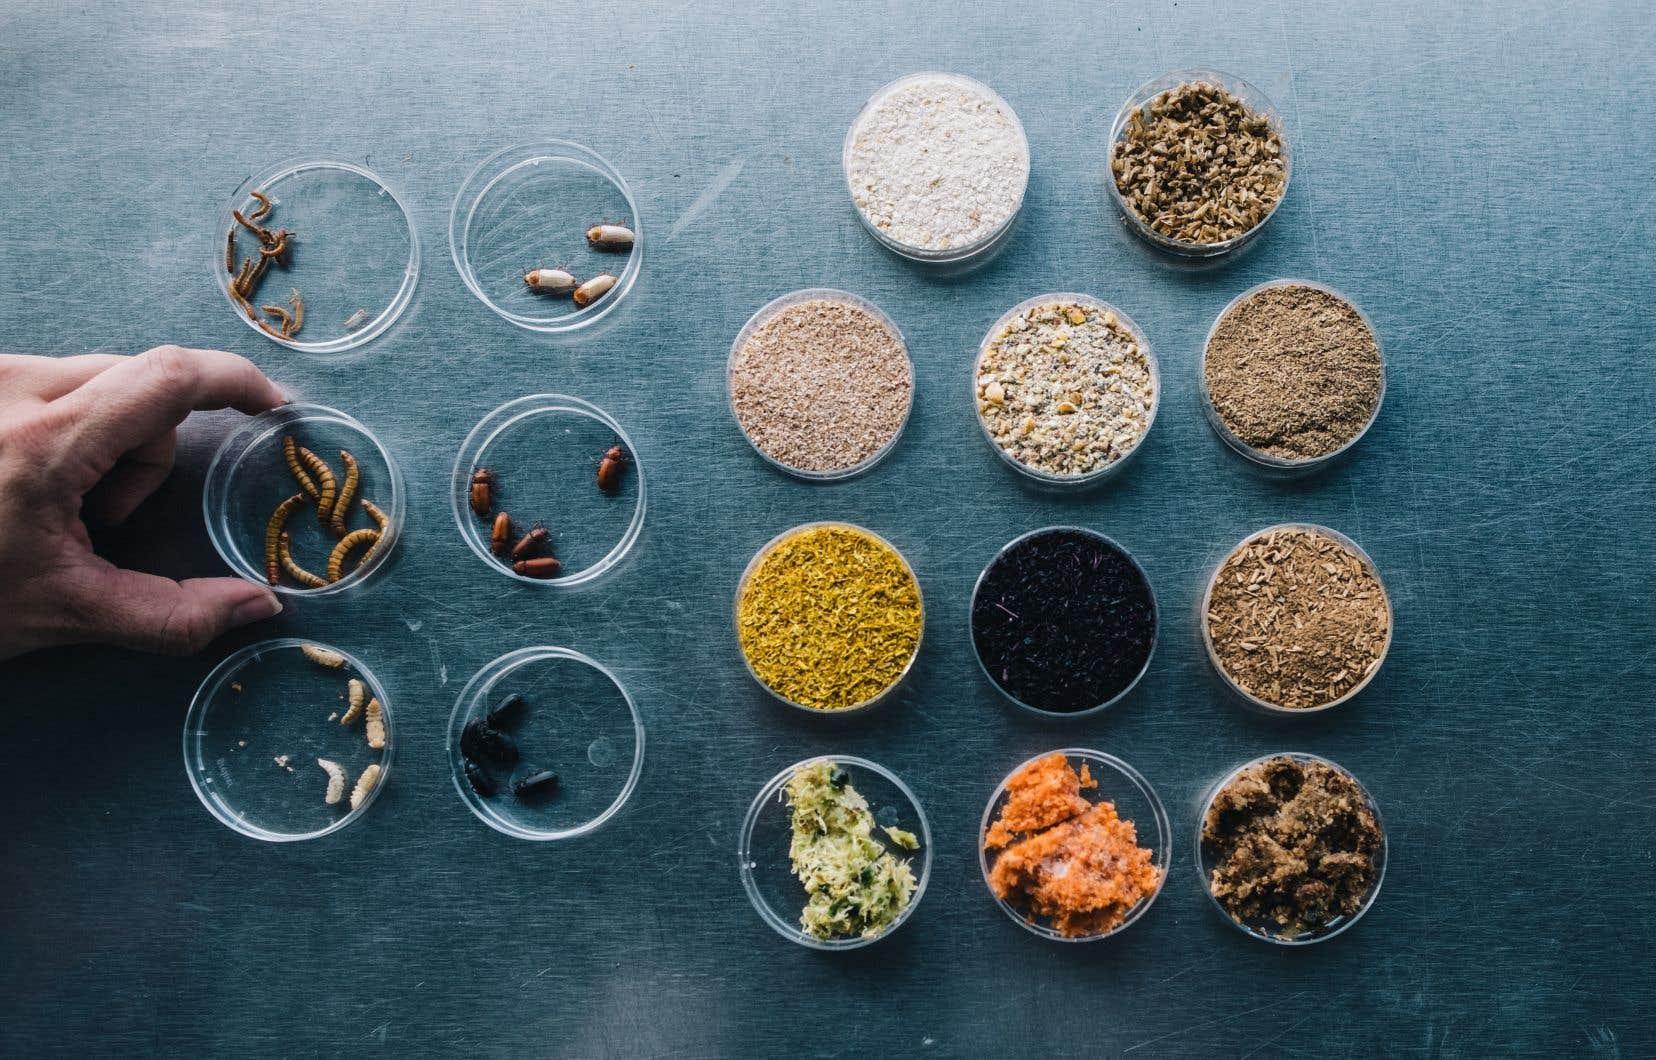 La ferme TriCycle nourrissent leurs insectes avec des résidus industriels pour diminuer la pollution due aux productions de céréales utilisées d'ordinaire pour leur alimentation.